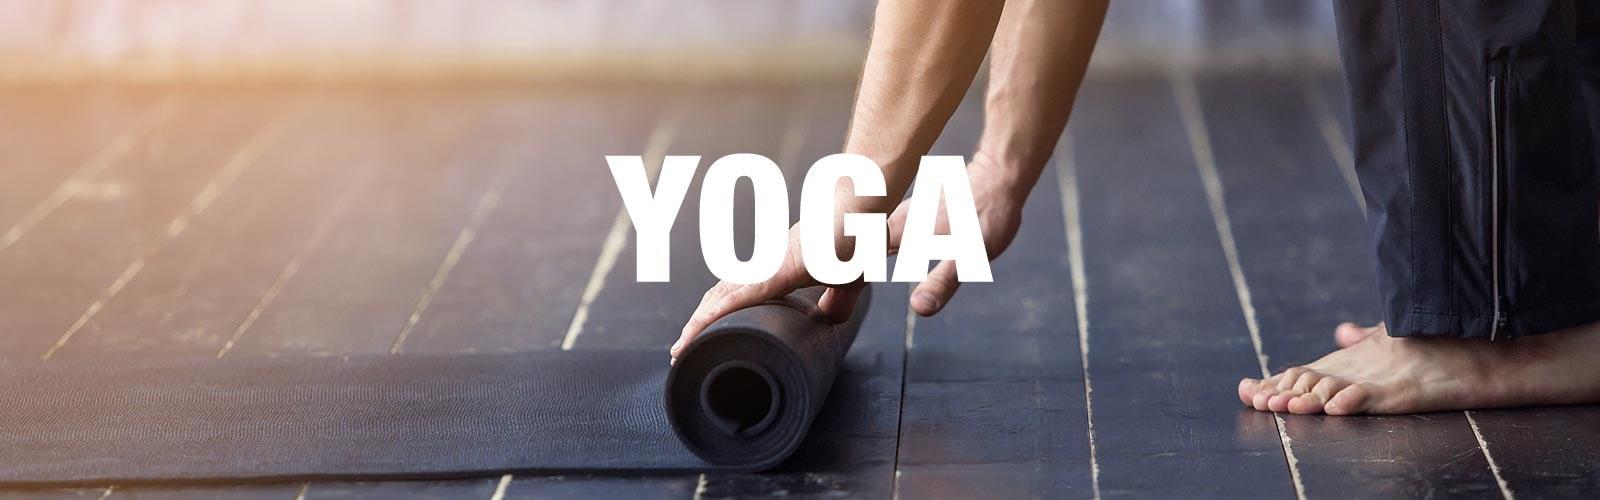 Yoga Checklist